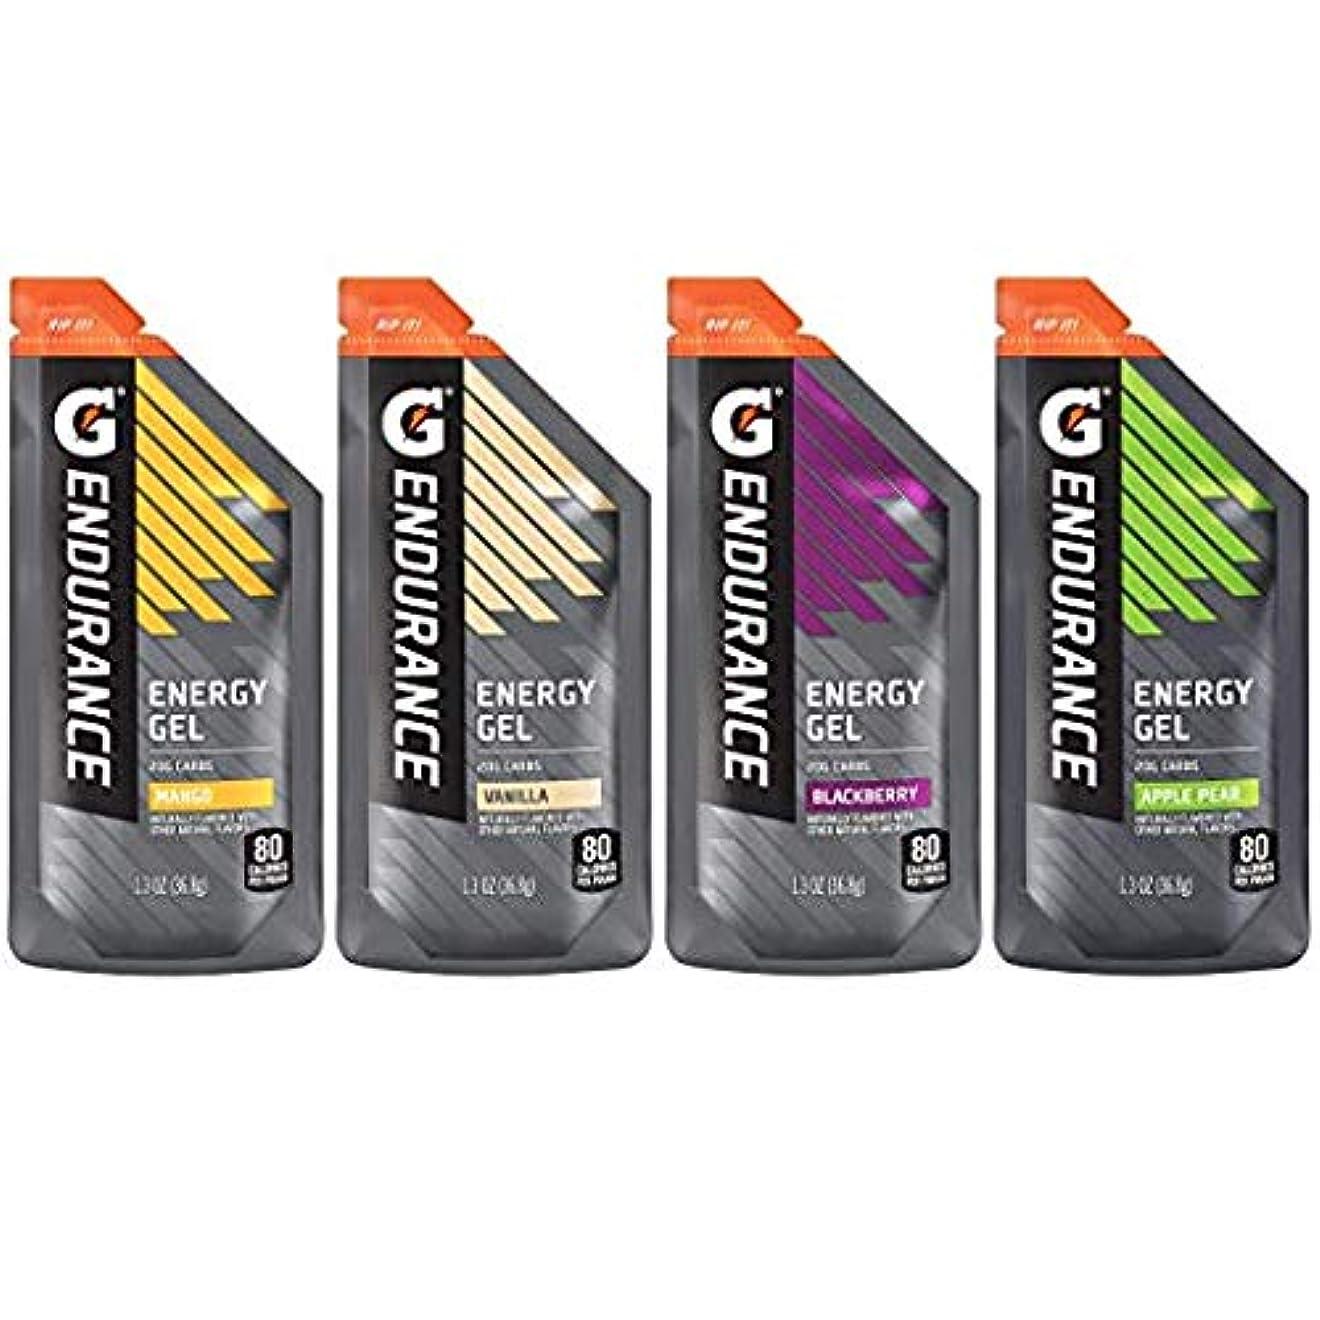 手スズメバチ理容師Gatorade Endurance Energy Gel ゲータレード エナジージェル、 4フレーバーバラエティーパック、36.8gx12個 [並行輸入品]